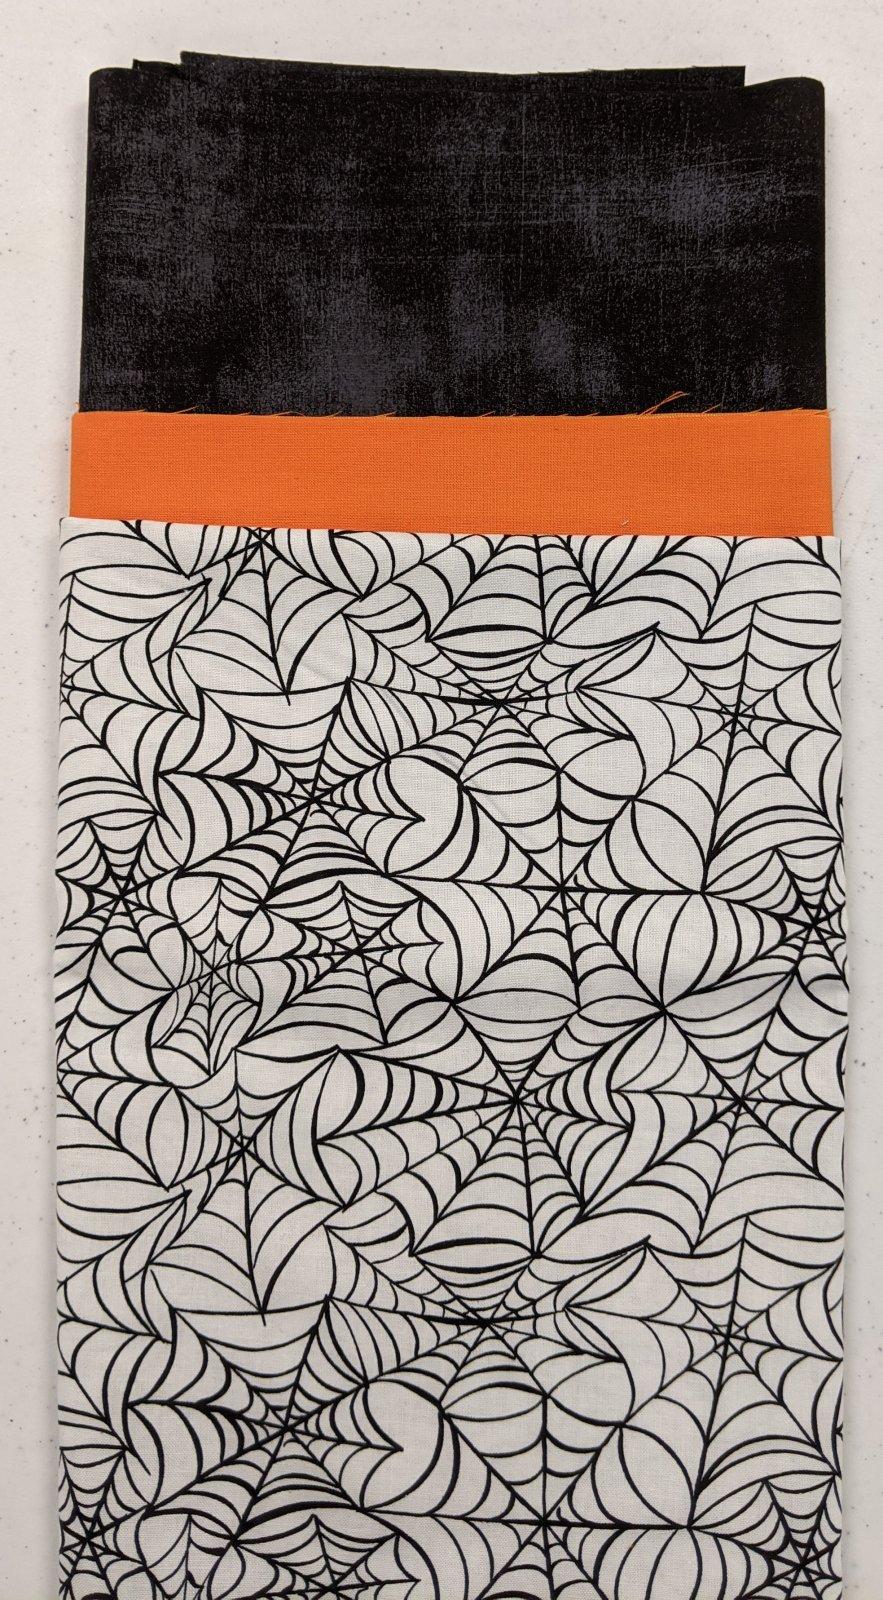 Hocus Pocus Pillowcase - P7 - Spiderweb